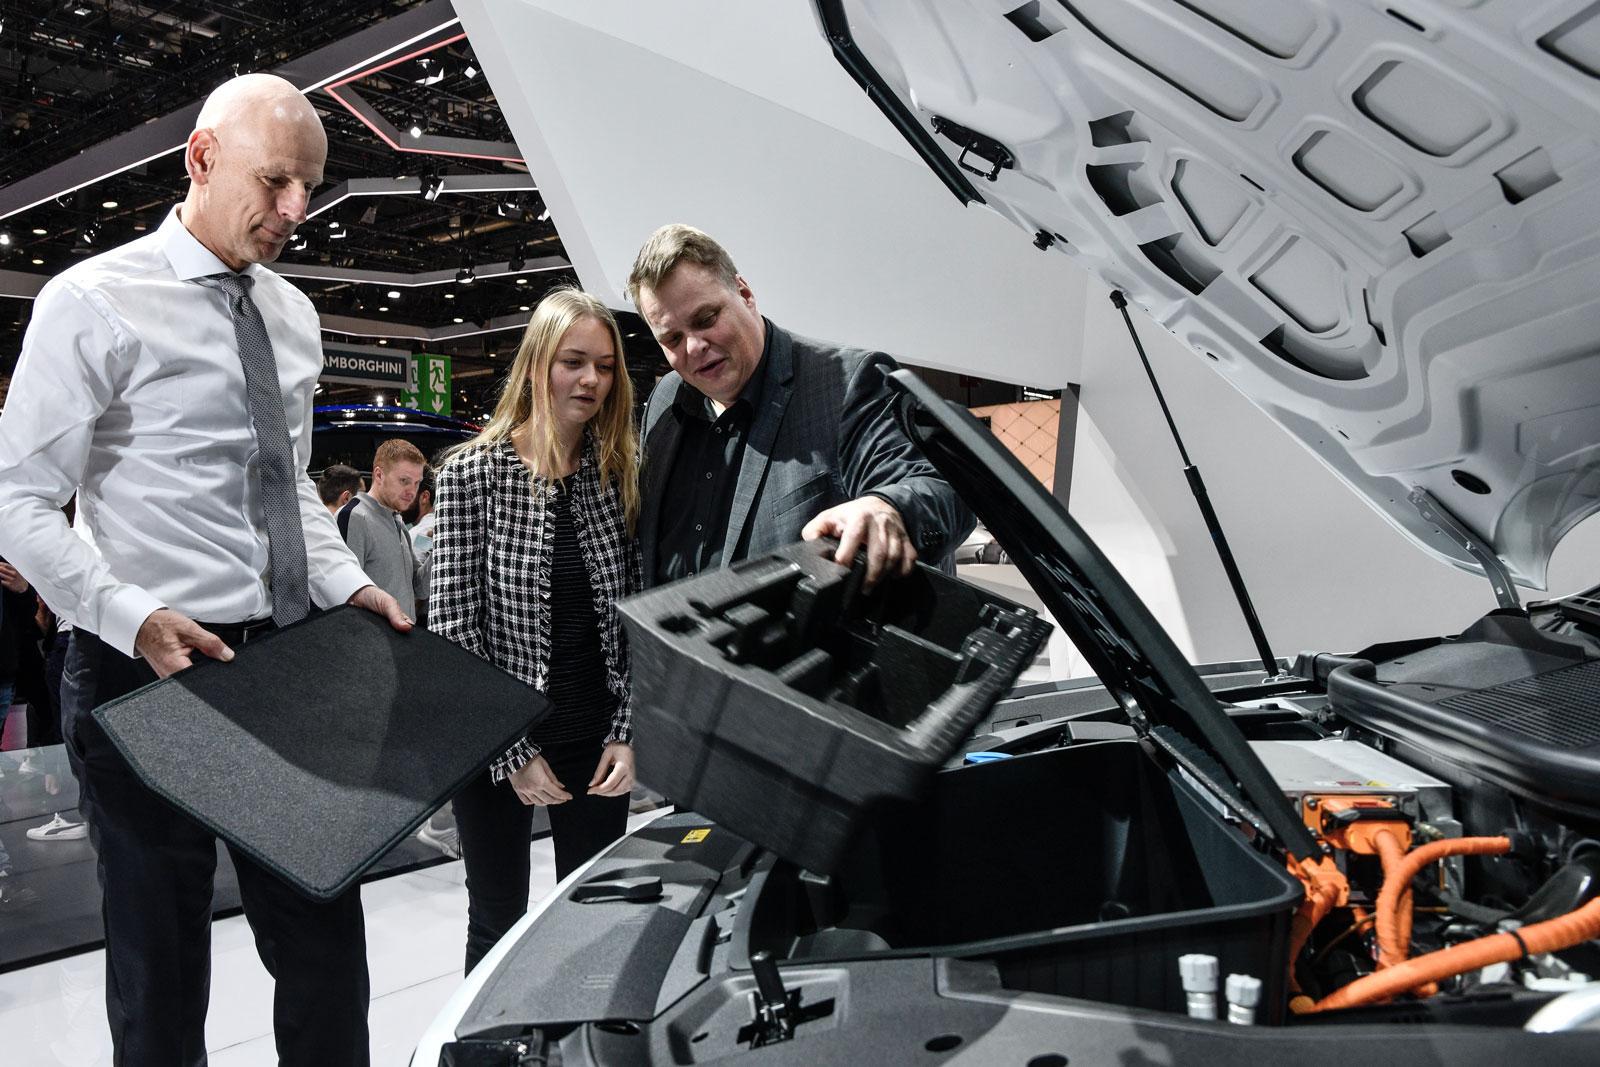 Stauraum statt Motor unter der Haube: Lars Thomsen schaut sich mit seiner Tochter den Audi e-tron an.